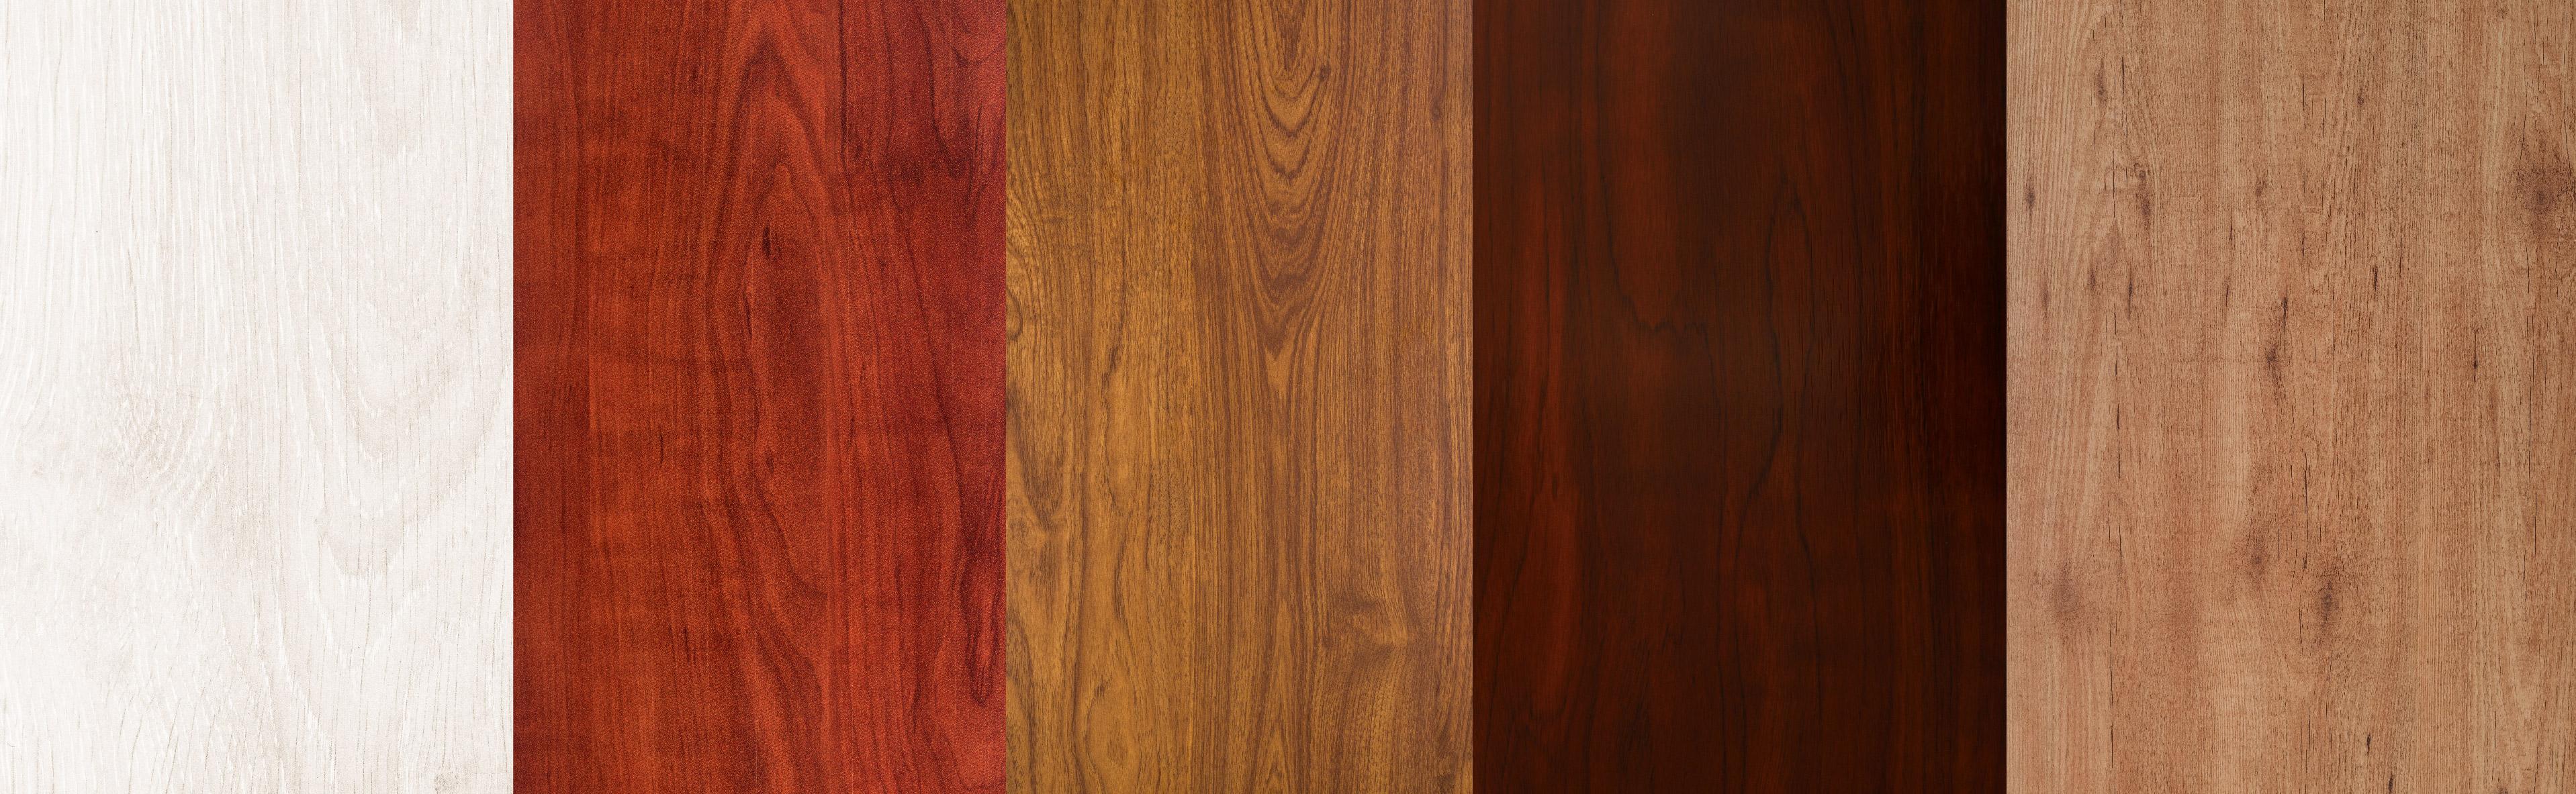 di-noc wooden textures